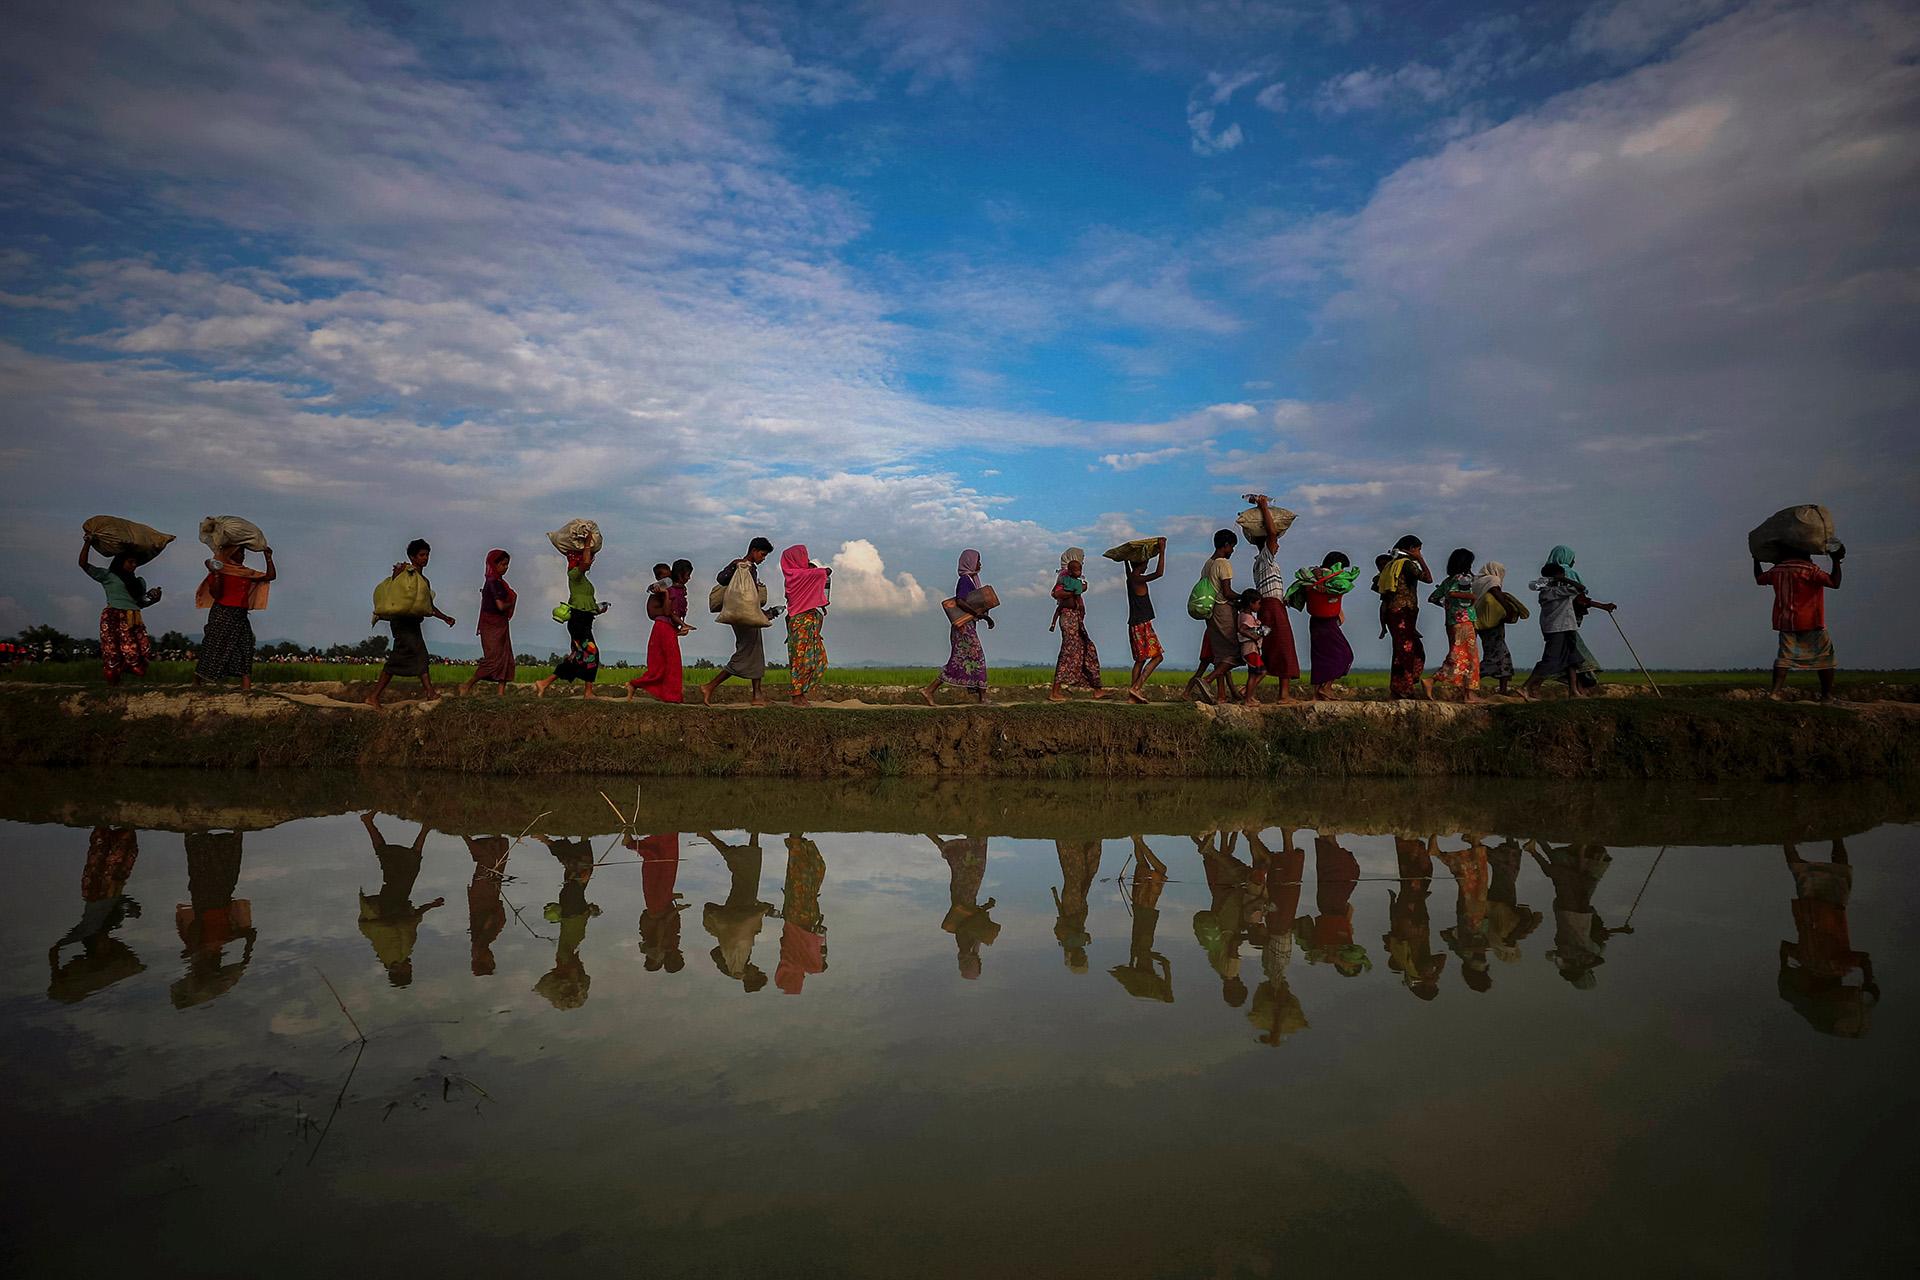 Refugiados de Rohingya se reflejan en el agua de lluvia a lo largo de un terraplén junto a campos de arroz después de huir de Myanmar a Palang Khali, cerca de Cox's Bazar, Bangladesh 2 de noviembre de 2017. (Hannah McKay)